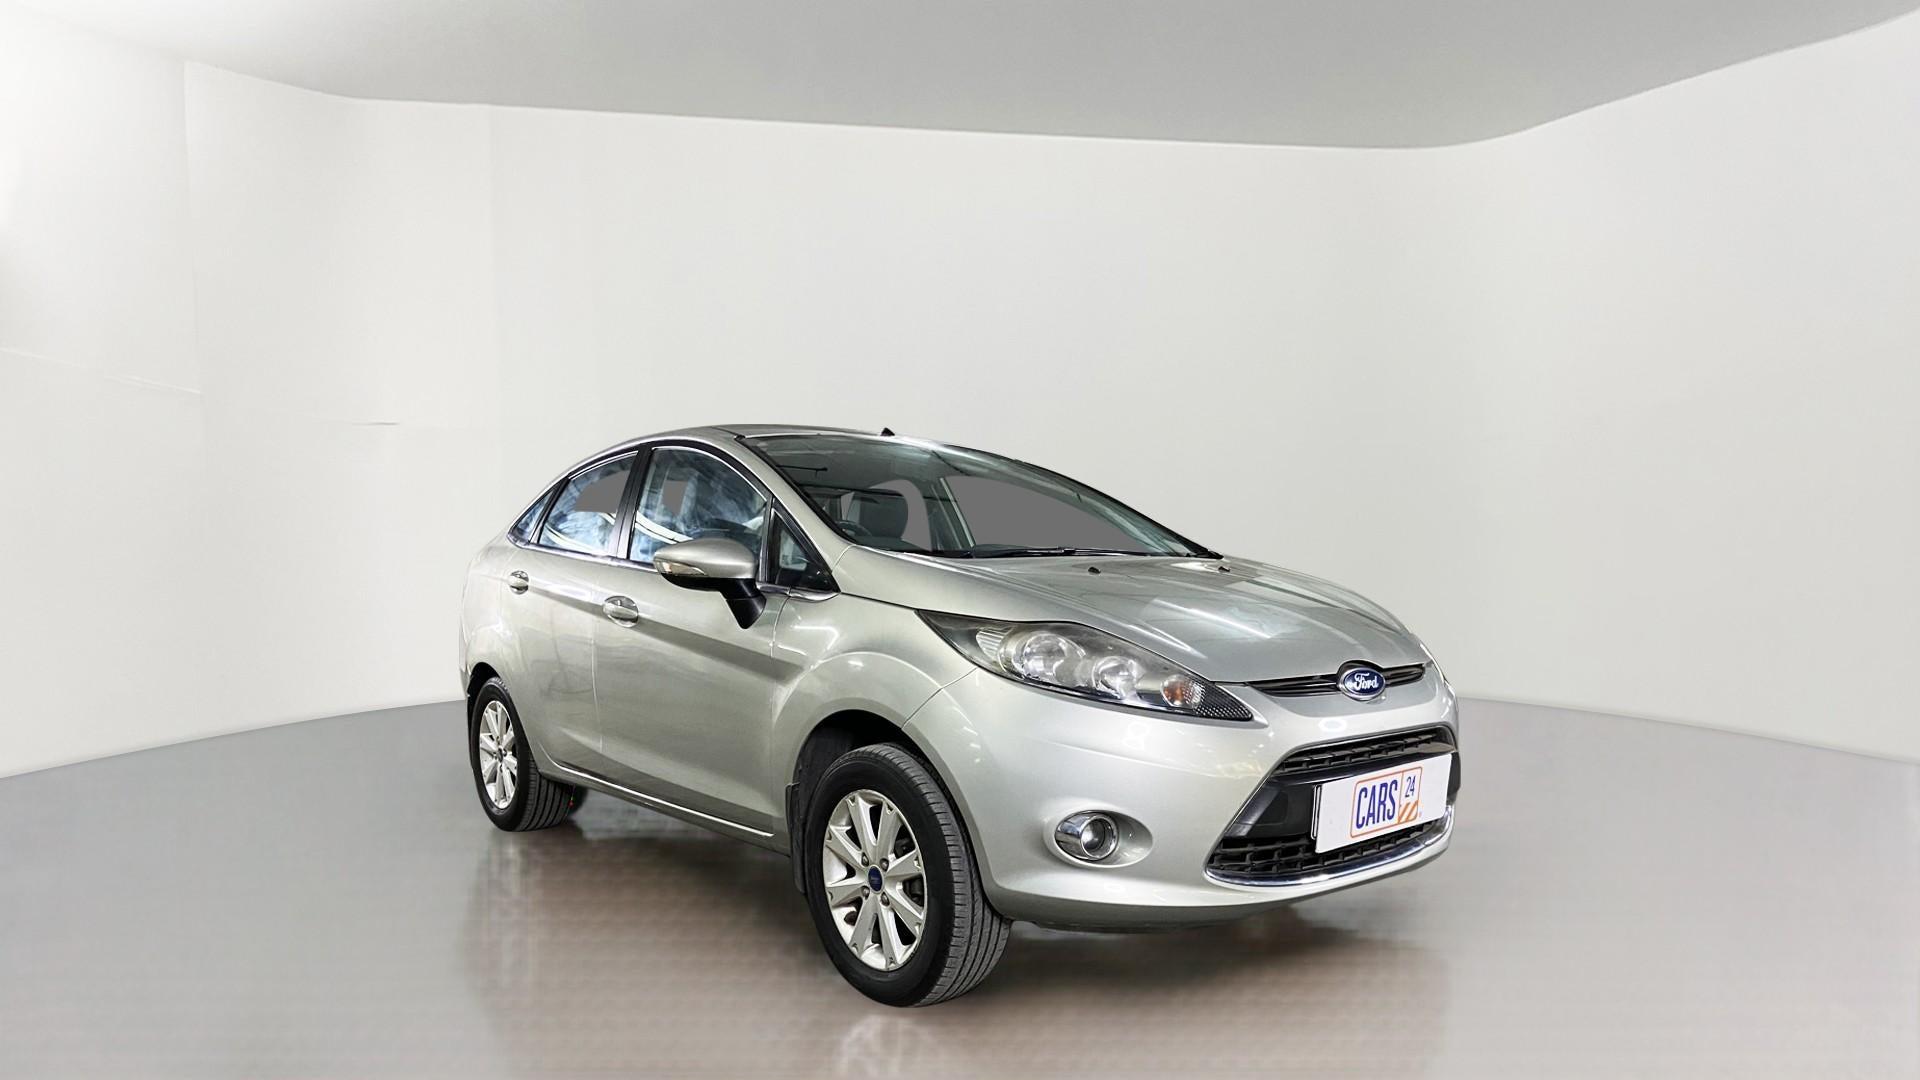 2012 Ford Fiesta TITANIUM PLUS PETROL AT